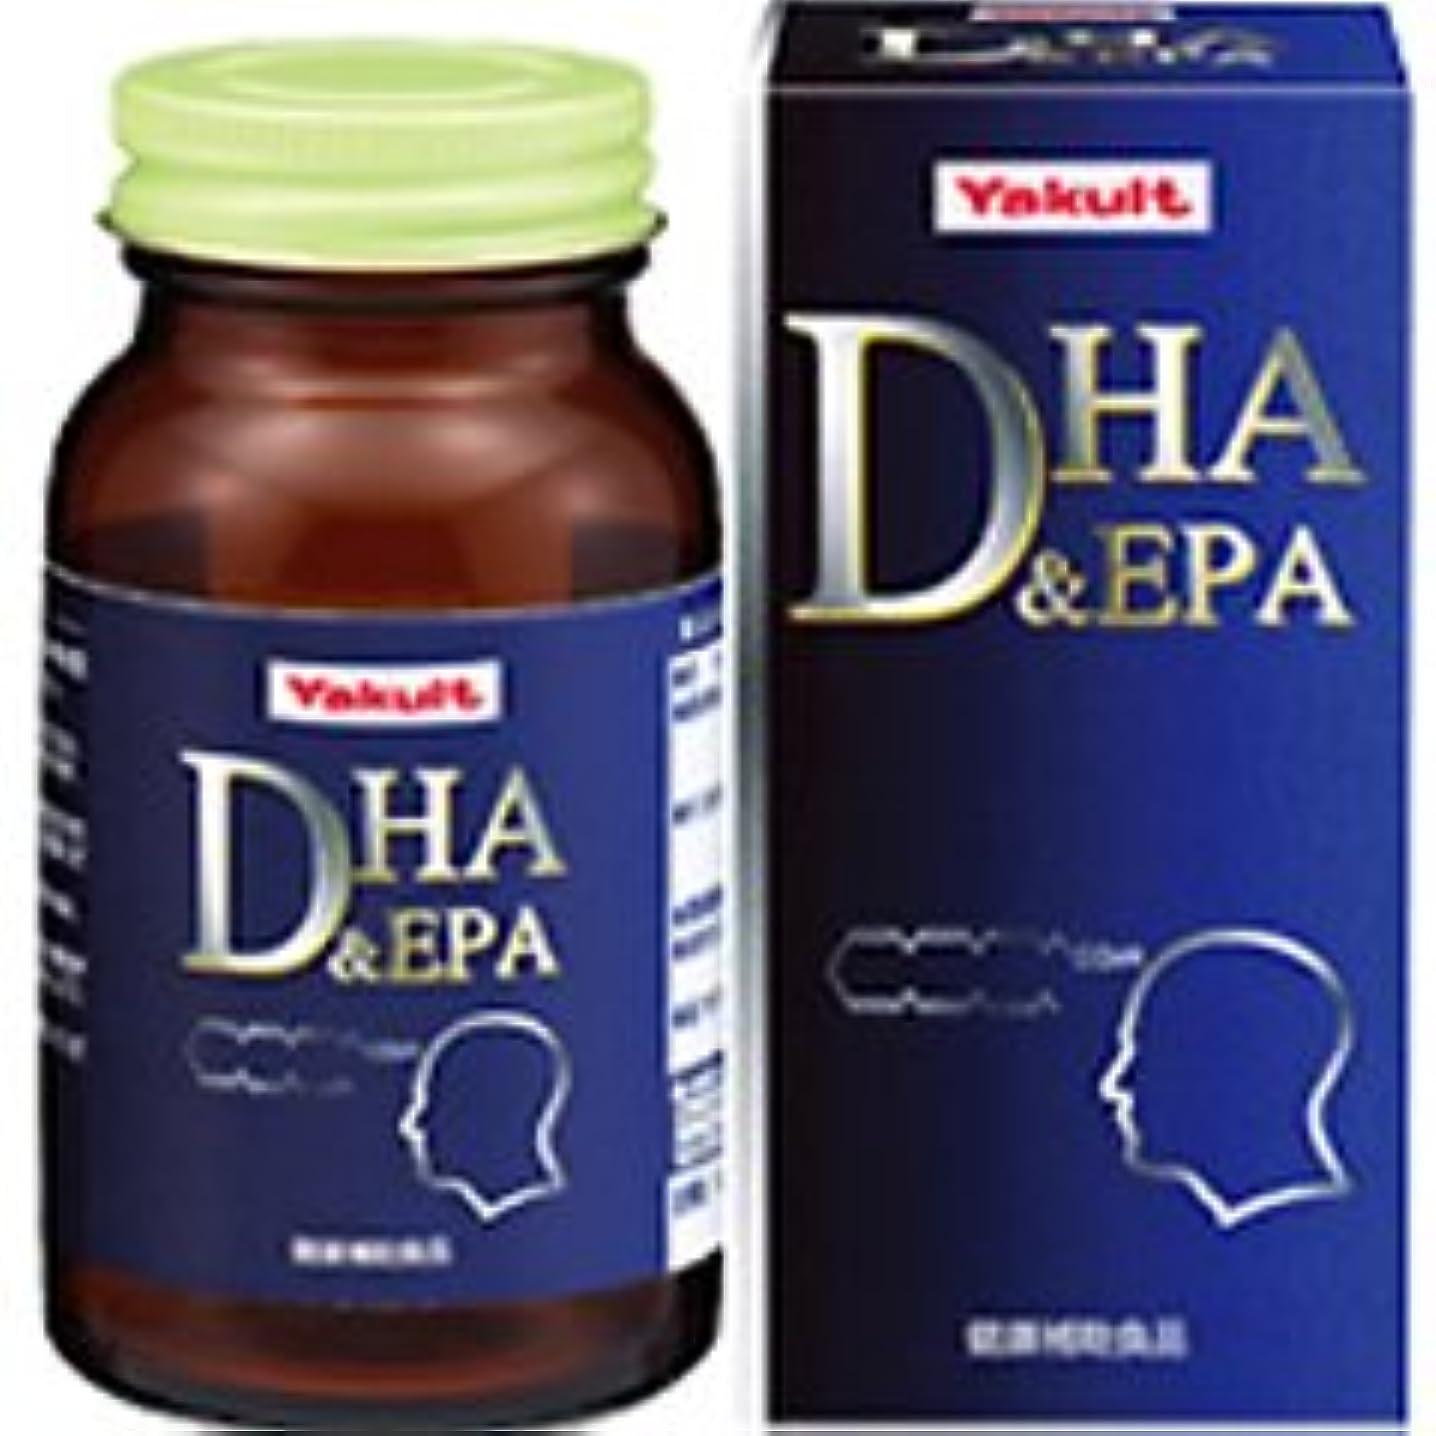 物質無視できる困惑する【ヤクルトヘルスフーズ】DHA&EPA 240粒